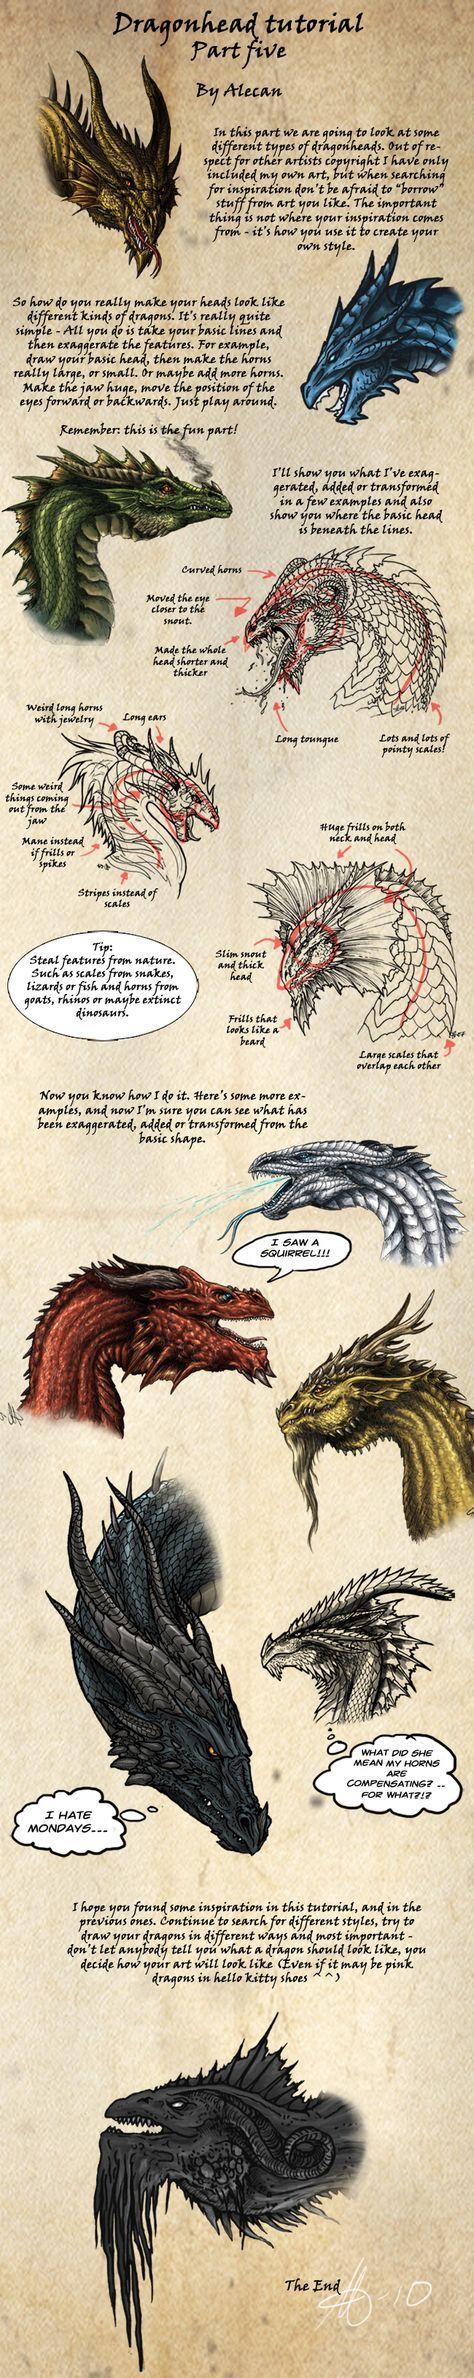 Drachen Fabelwesen Zeichnen Zeichnung Tipps Kunst Tutorials Dragon Zeichnungen Drachenkopf Zeichnung Fantasy zeichnungen Drachen Tattoos